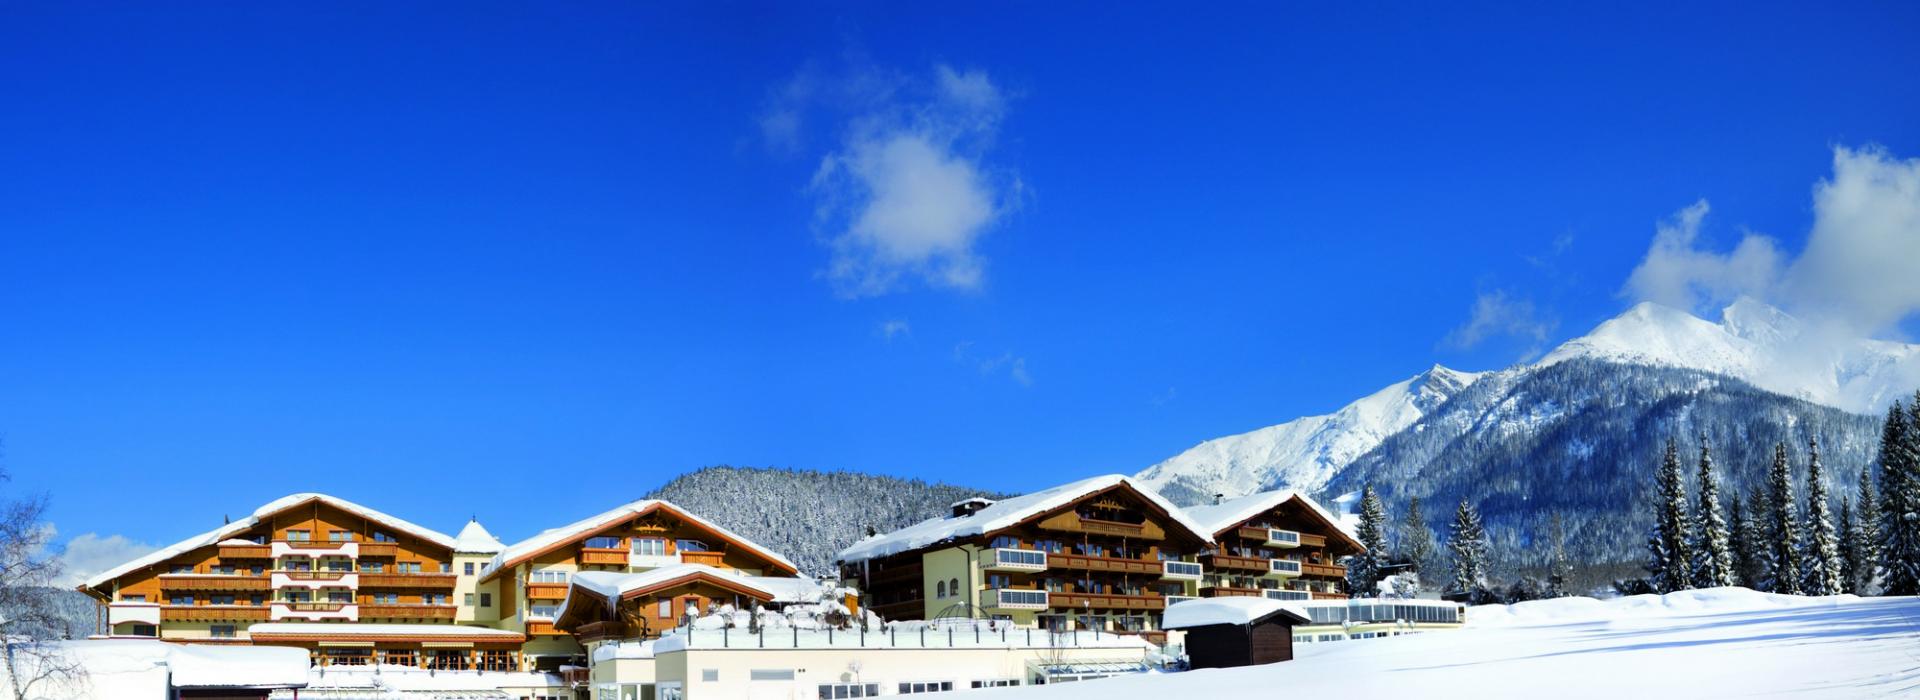 Family Resort Alpenpark Superrior 4*